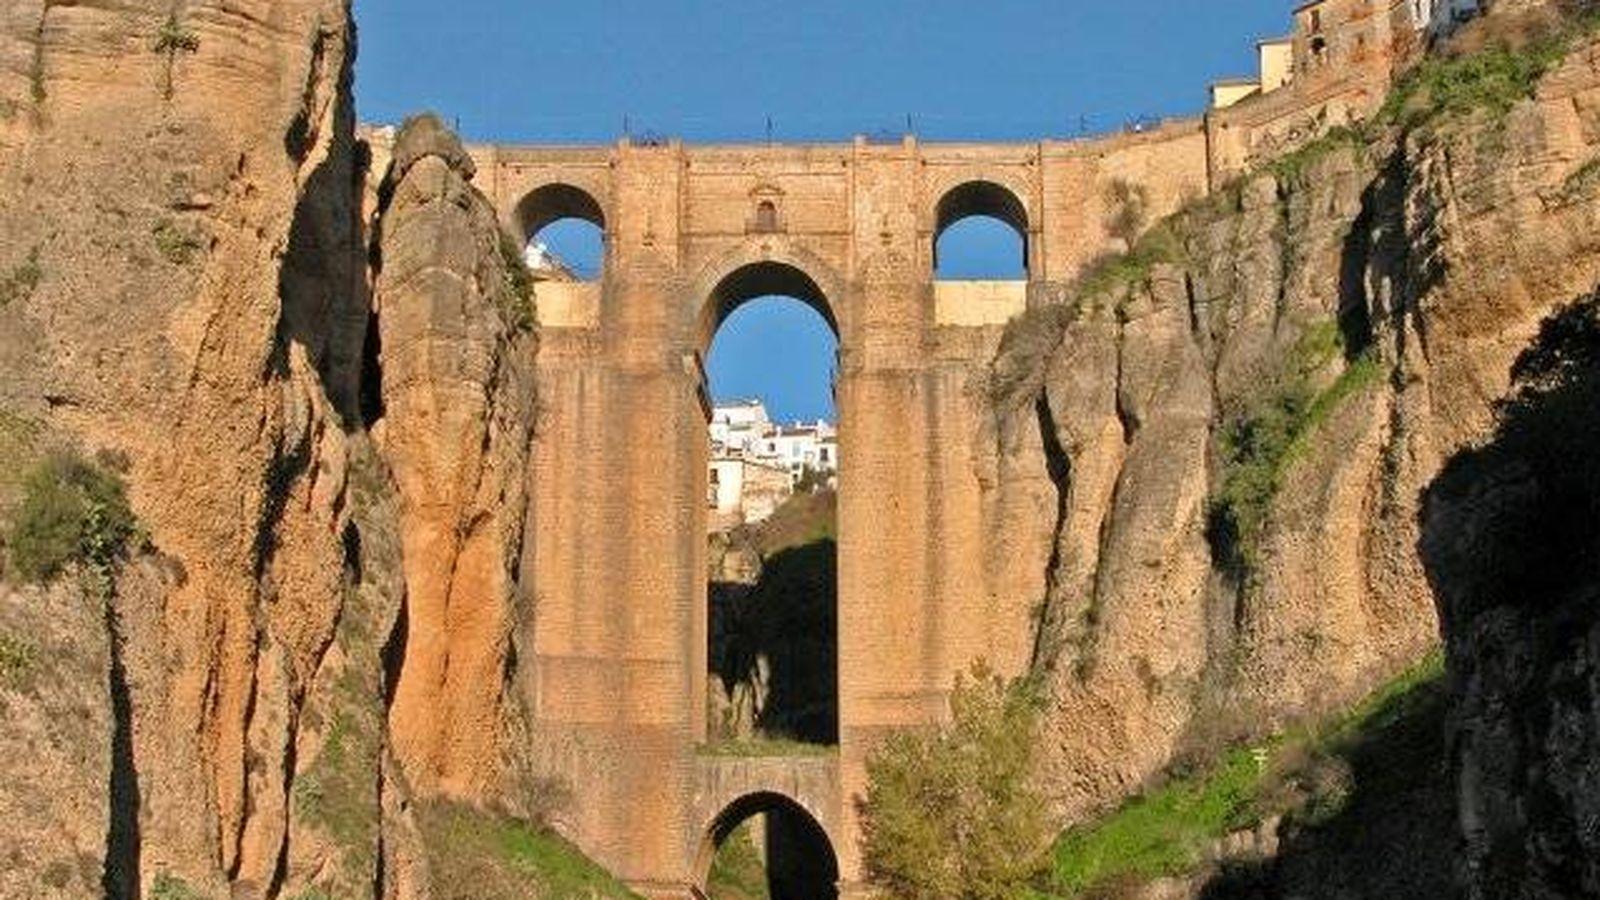 Foto: El Puente Nuevo de Ronda, un lugar romántico por demás. (Foto: Turismo de Ronda)